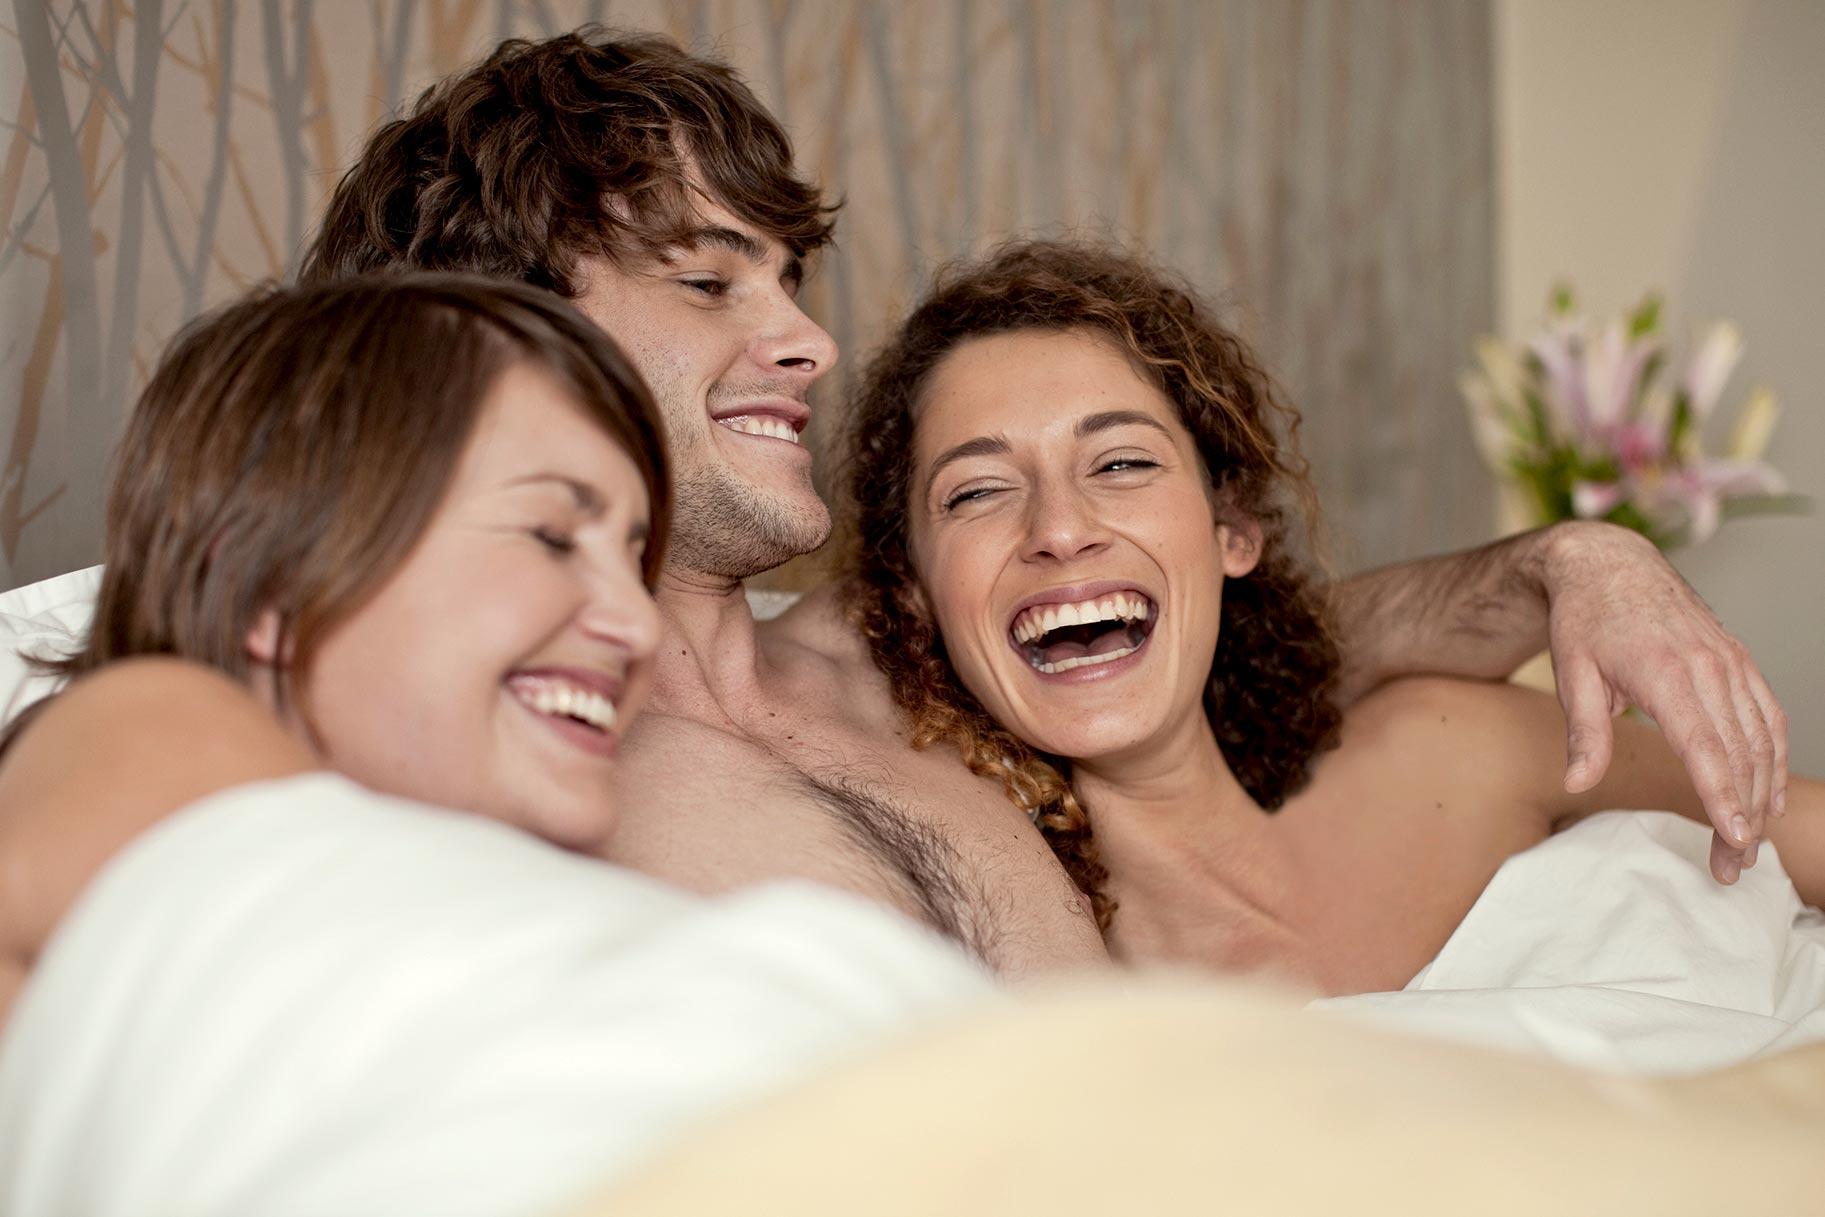 Секс в троем худые видео — photo 8